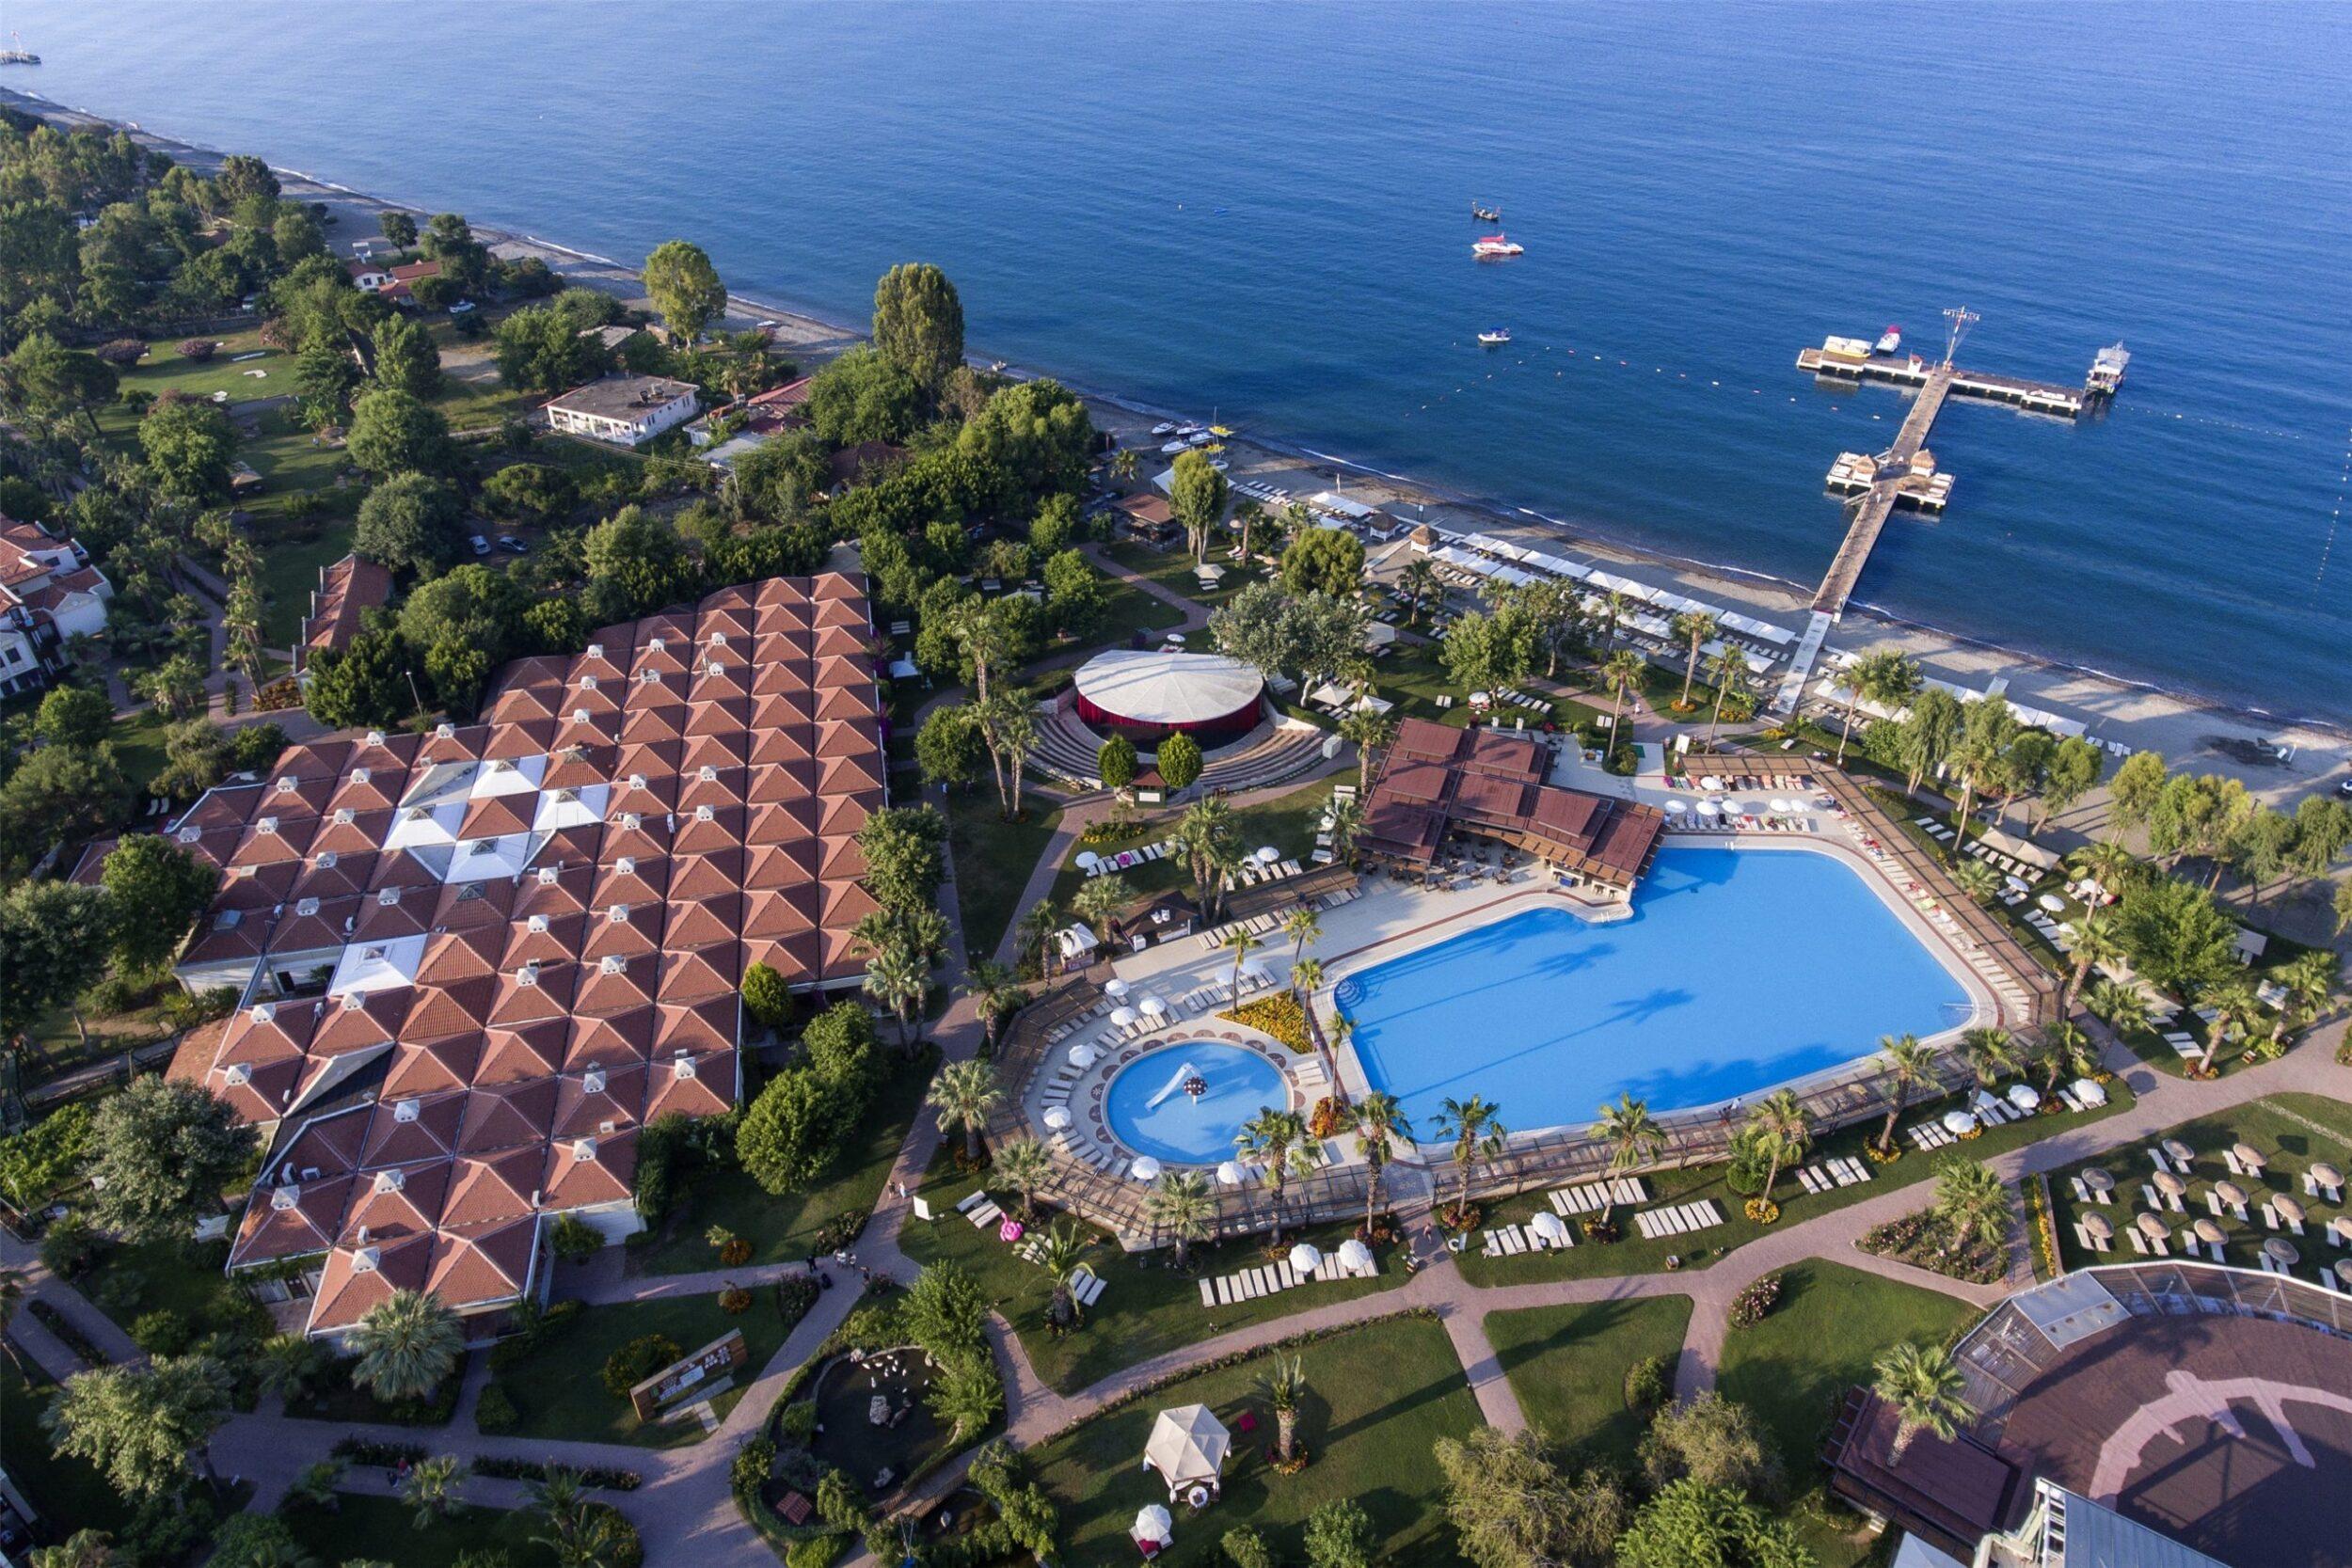 Свободный отель Клаб Туана Фетхие Ол Инклюзив